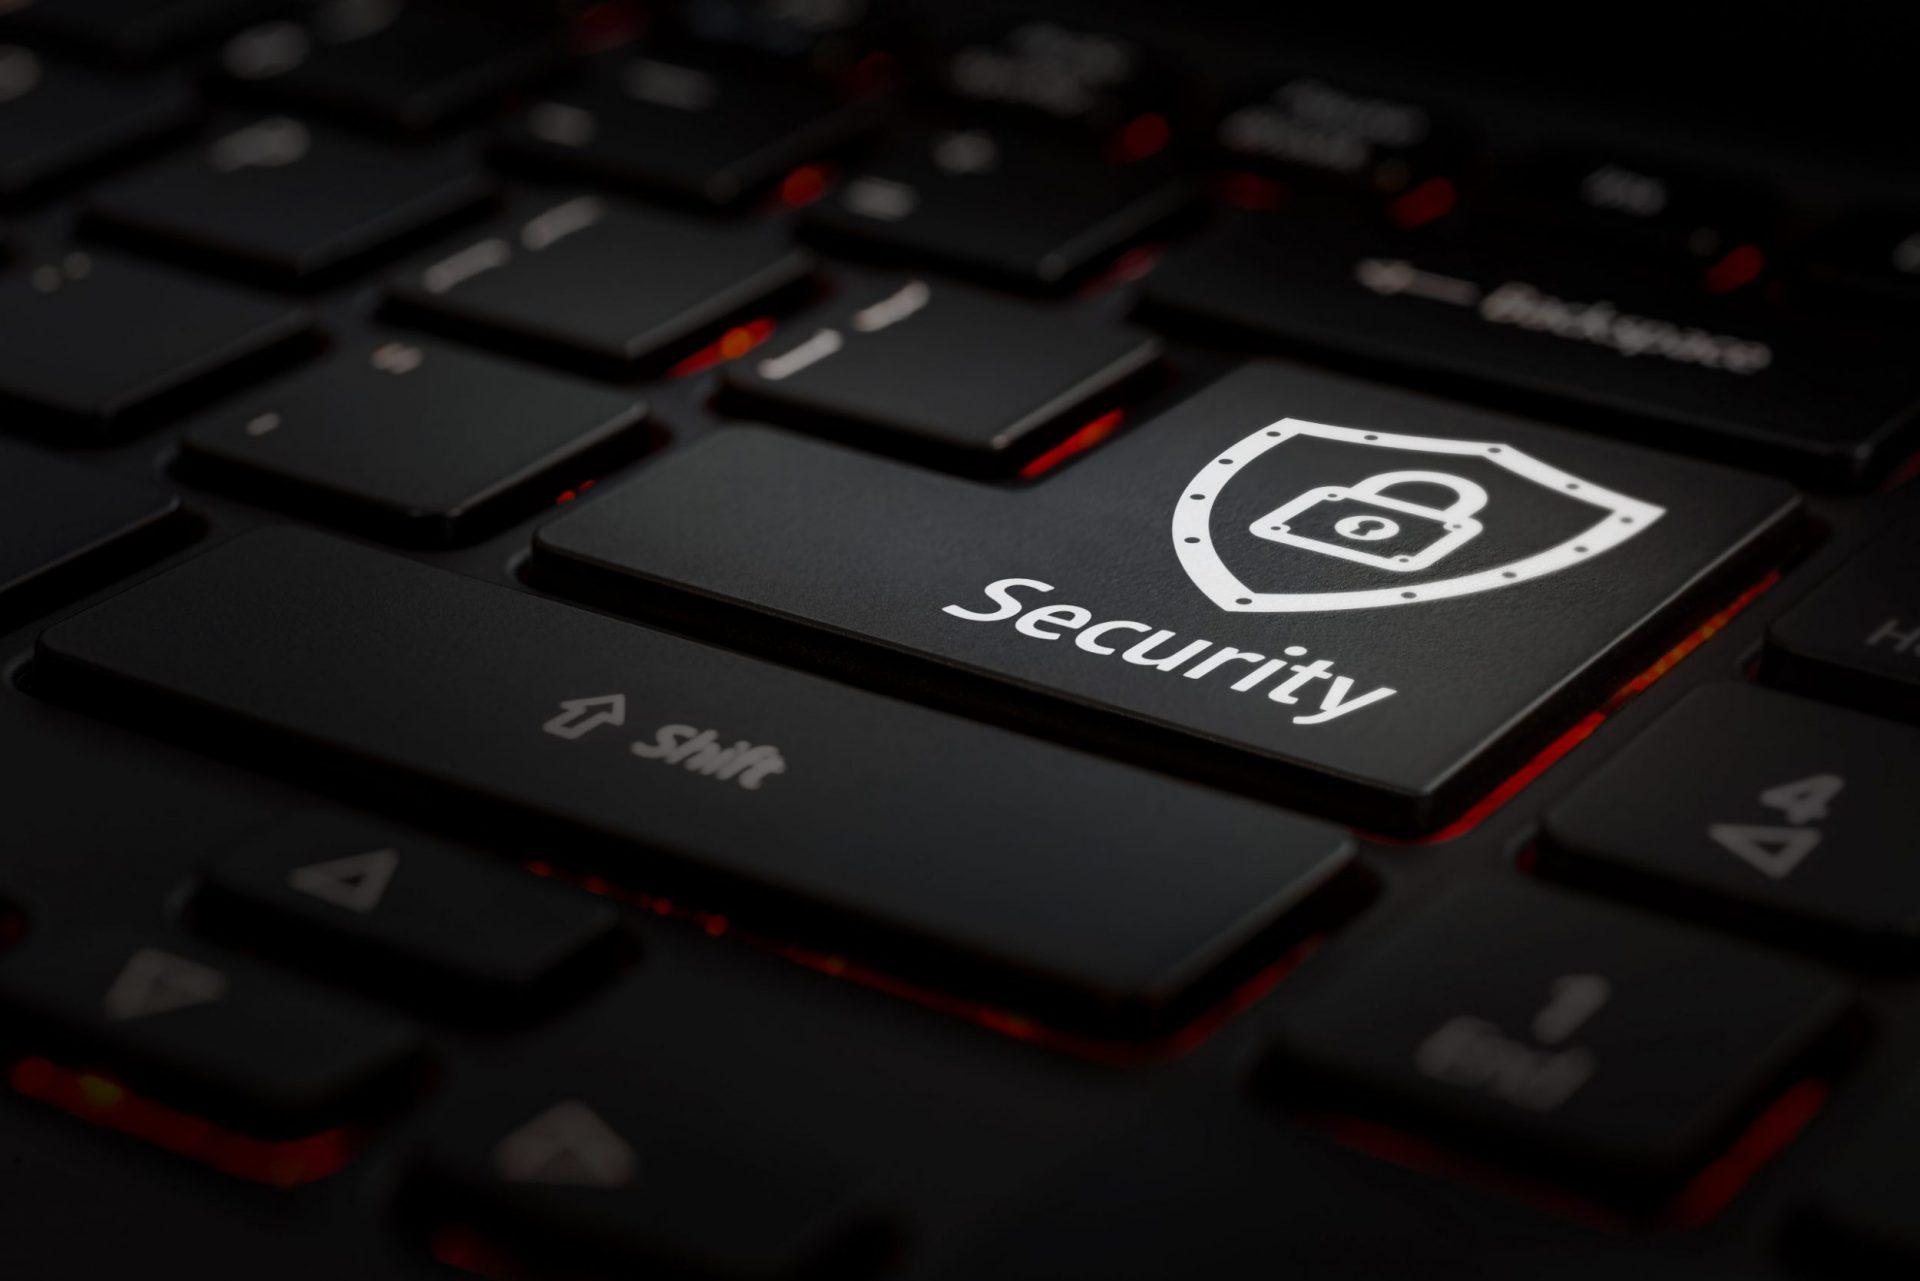 Servicios Informáticos para empresas - Seguridad Informática en tu empresa